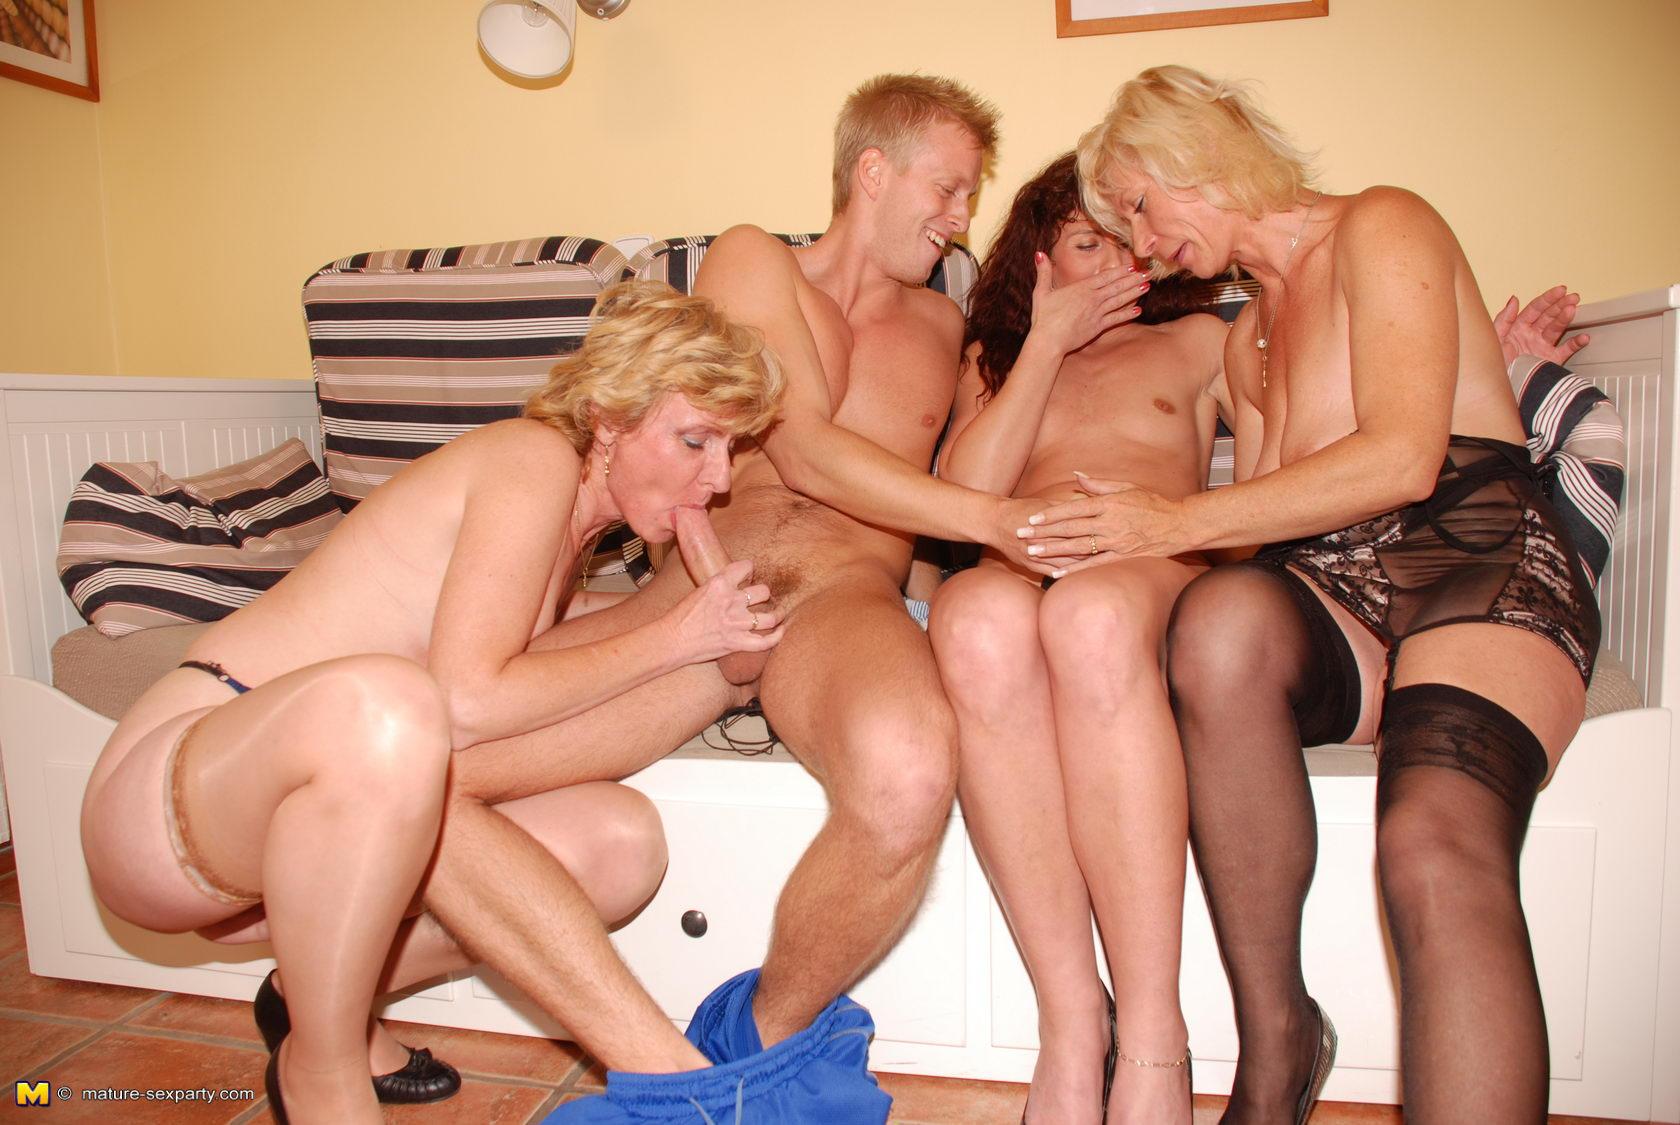 Реальное русское инцест порно онлайн 30 фотография